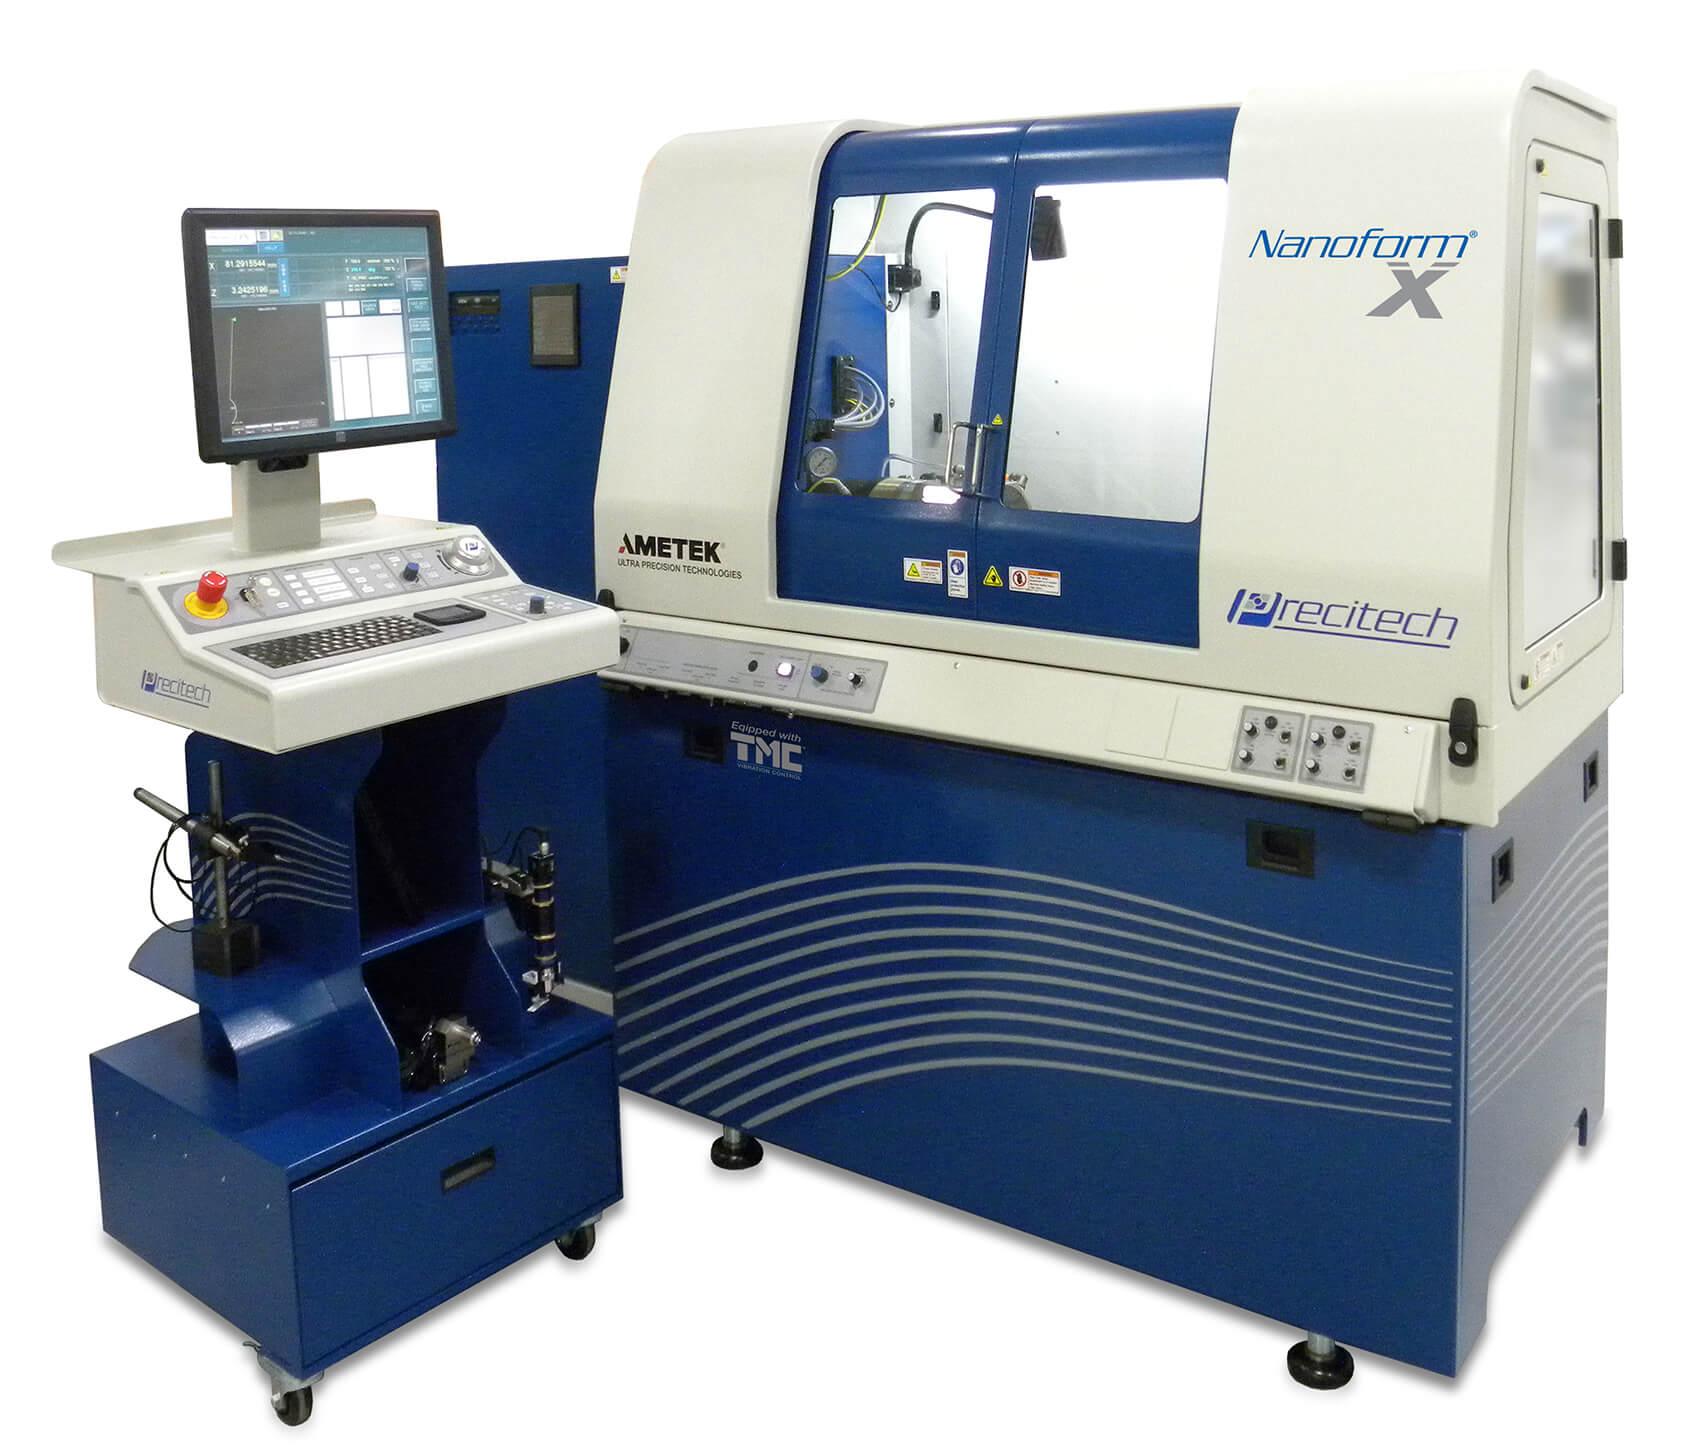 A Nanoform X